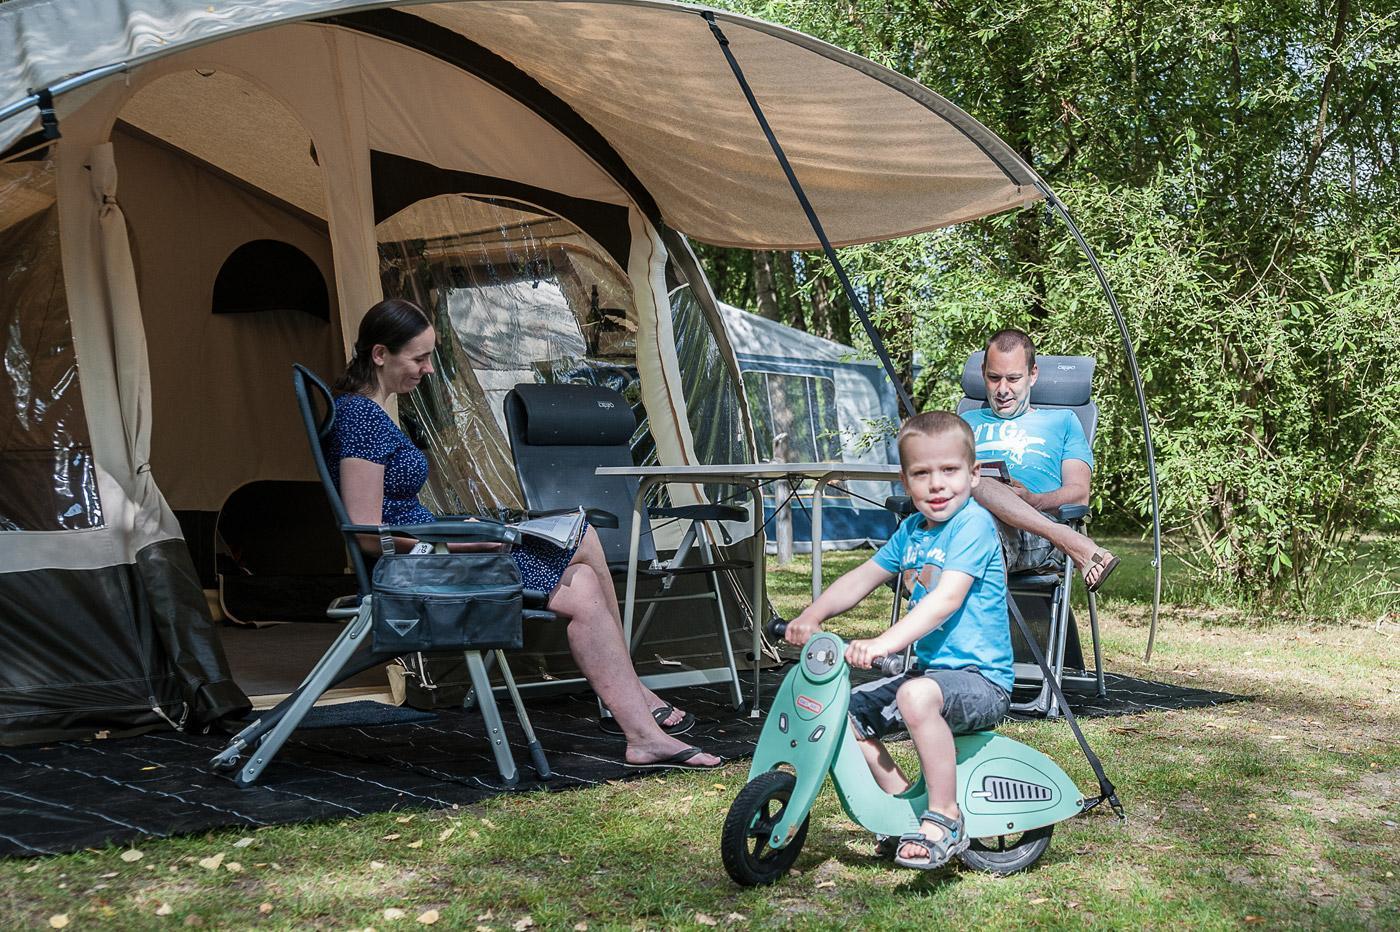 Camping Sites Et Paysages Les Saules à Cheverny Loire Valley Vacances En Famille Au Camping Sites Et Paysages Les Saules (3)